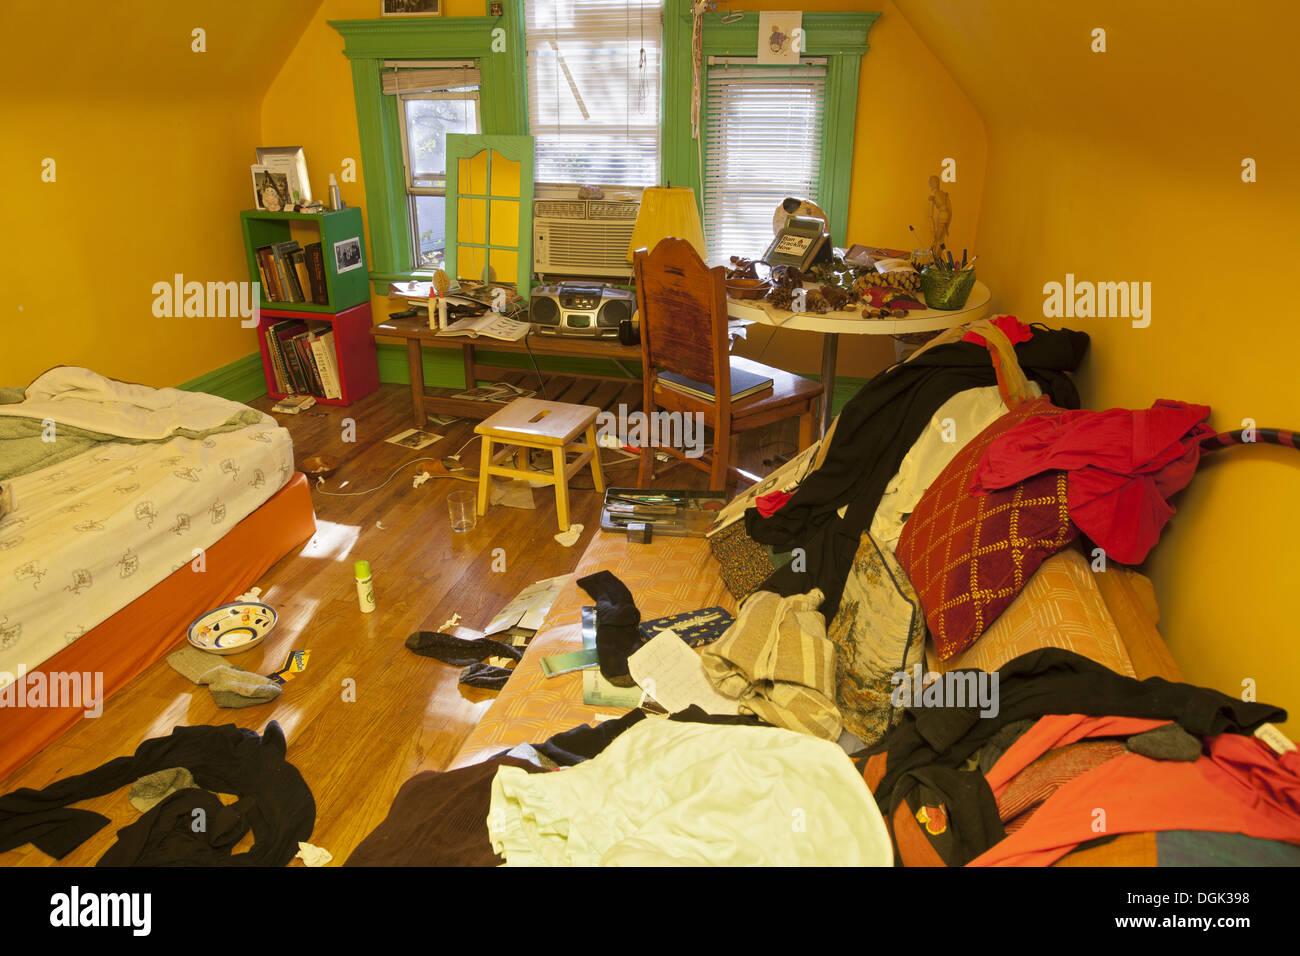 Muy desordenado dormitorio de una persona joven. Imagen De Stock